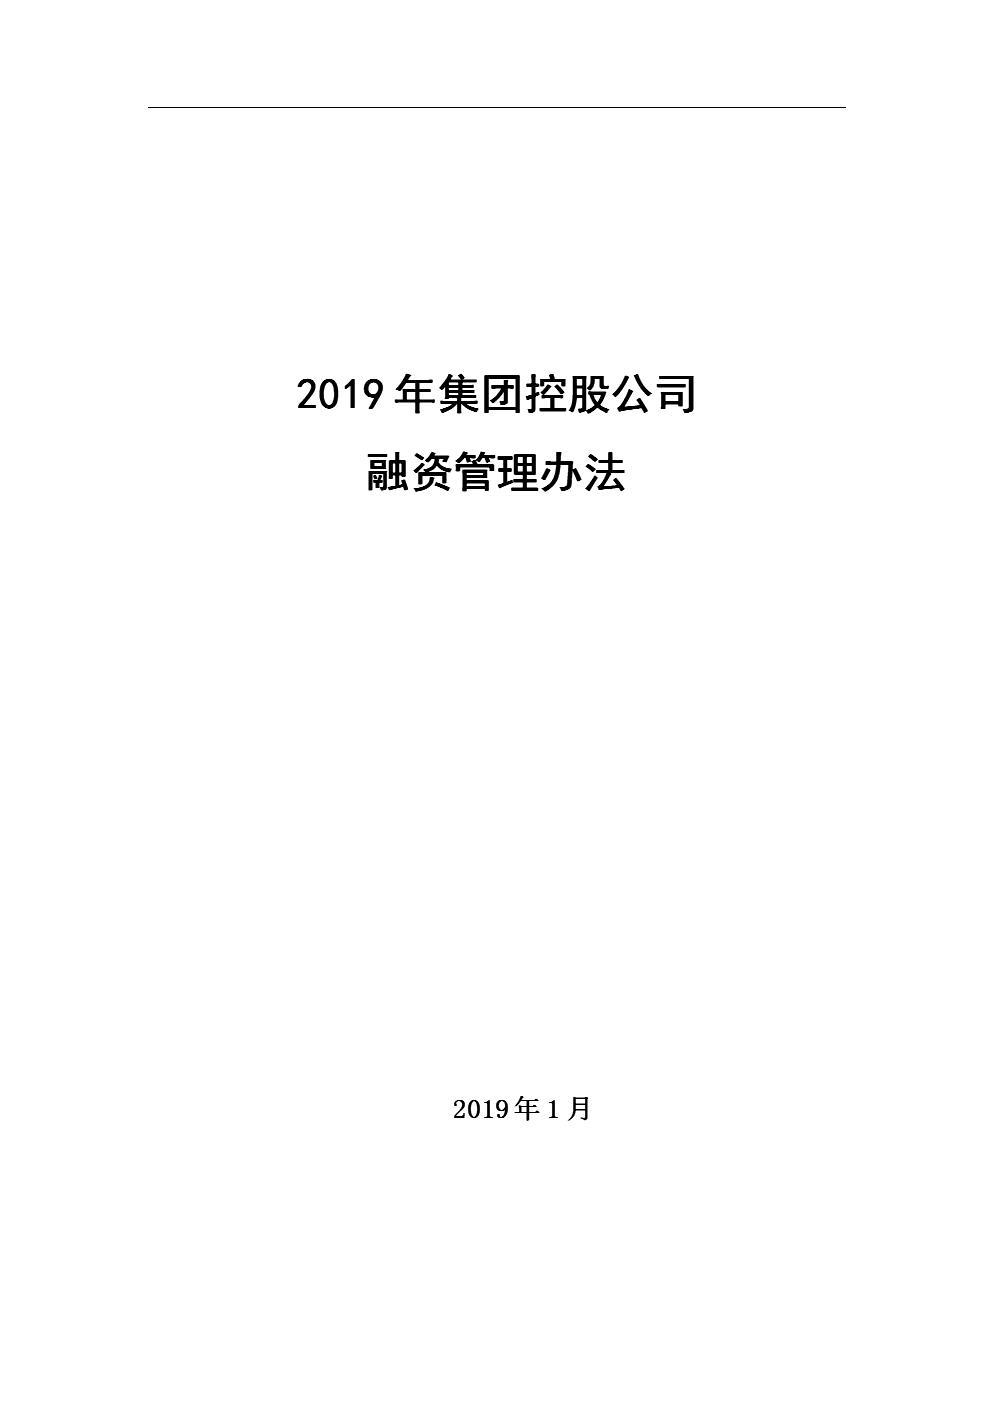 2019年集团公司融资管理制度.doc